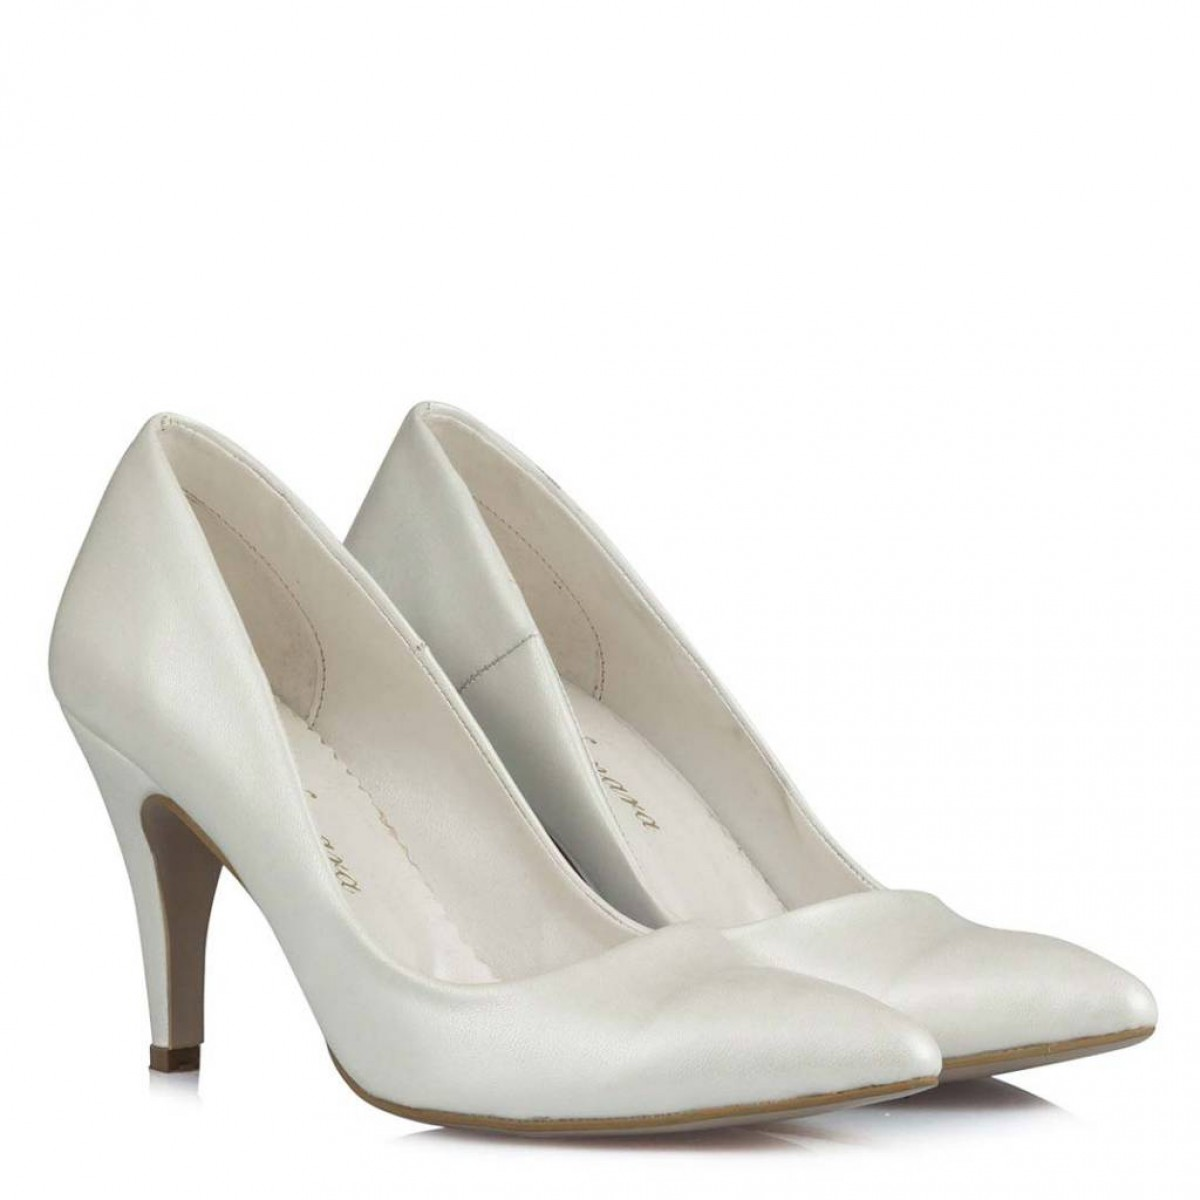 729ba17512 Gelin Ayakkabısı Kırık Beyaz Stiletto